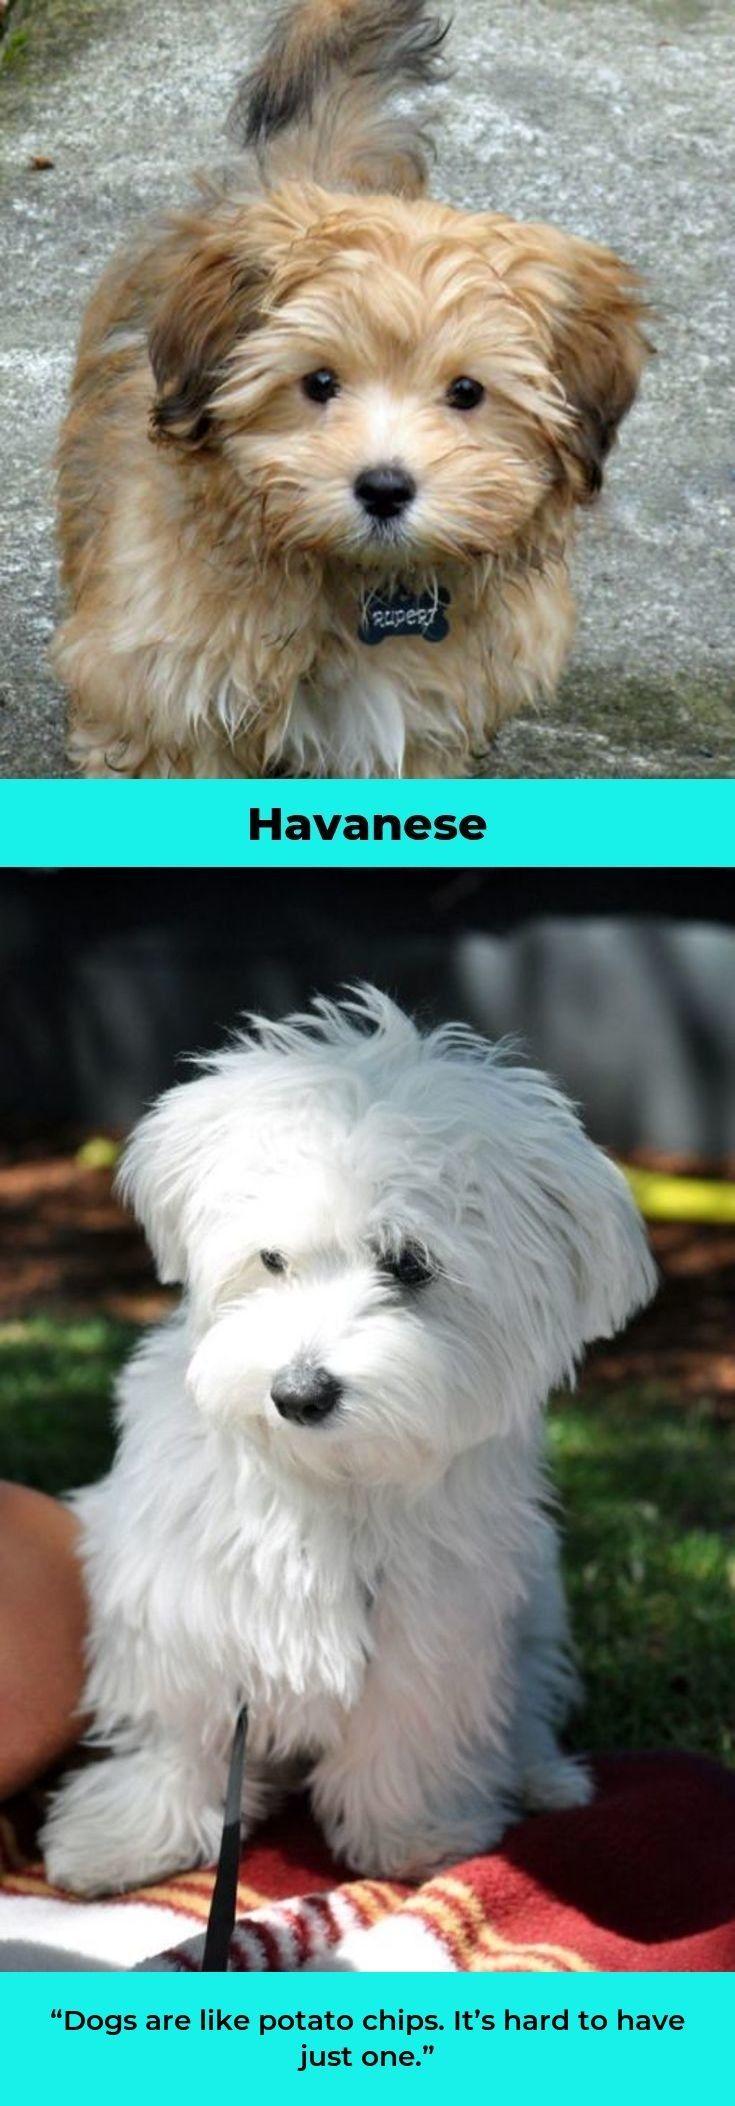 Havaneseofiran Havanese Haircuts Havanesedaily Havanese Puppies Havanese Havanese Dogs